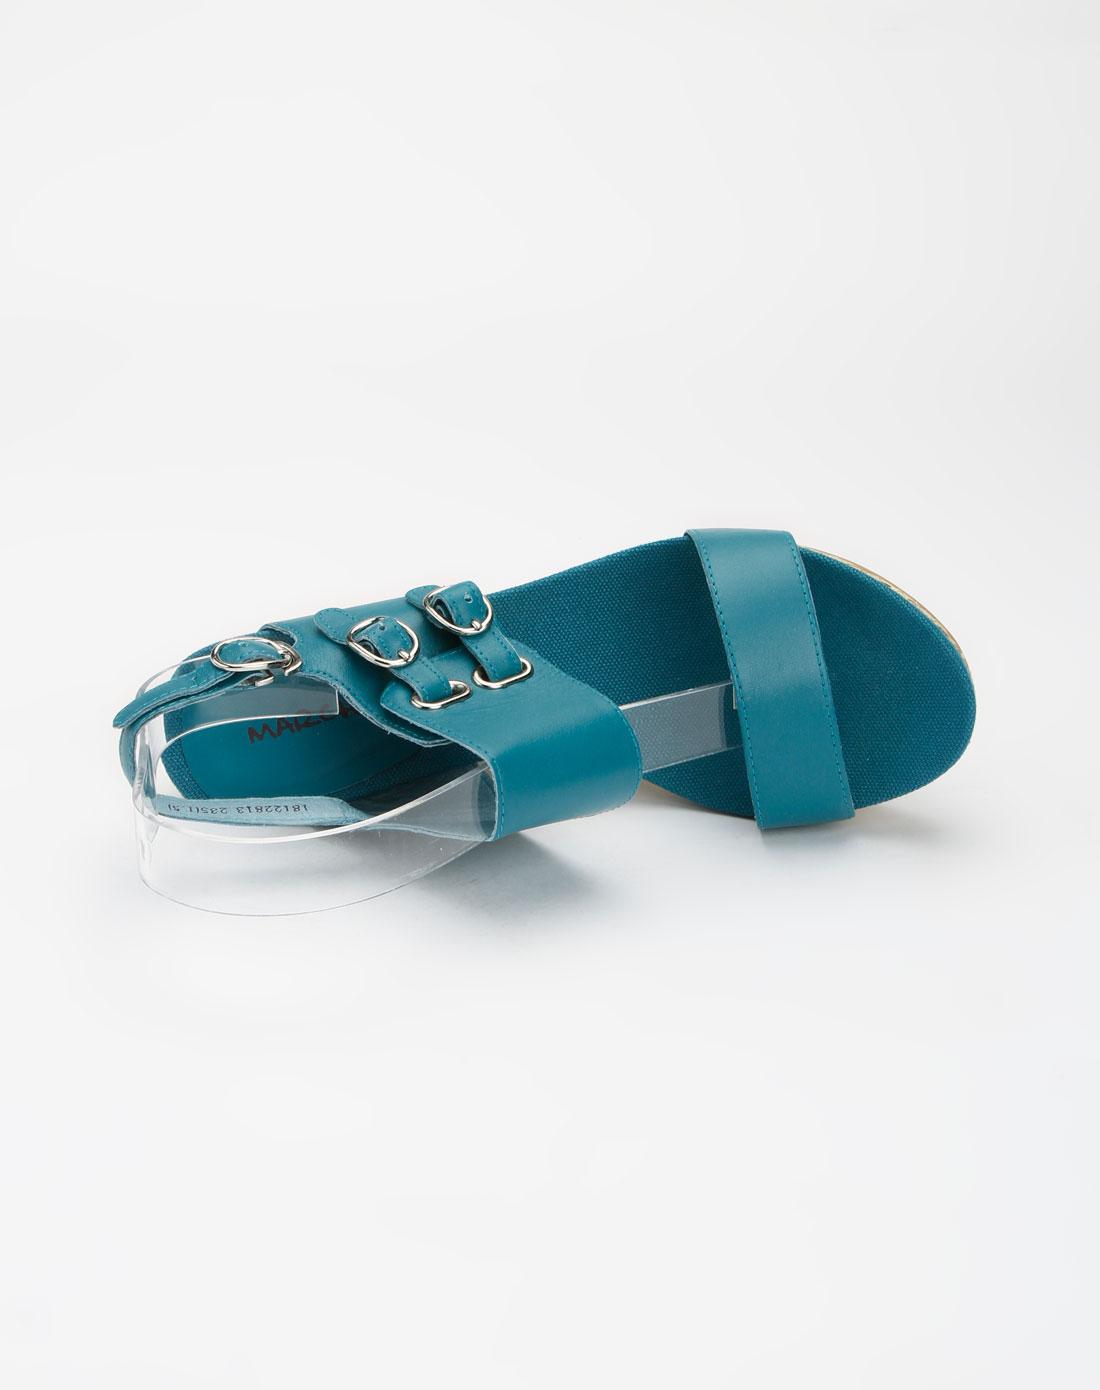 蜜丝罗妮marchiori蓝色时尚坡跟凉鞋18122813-0007